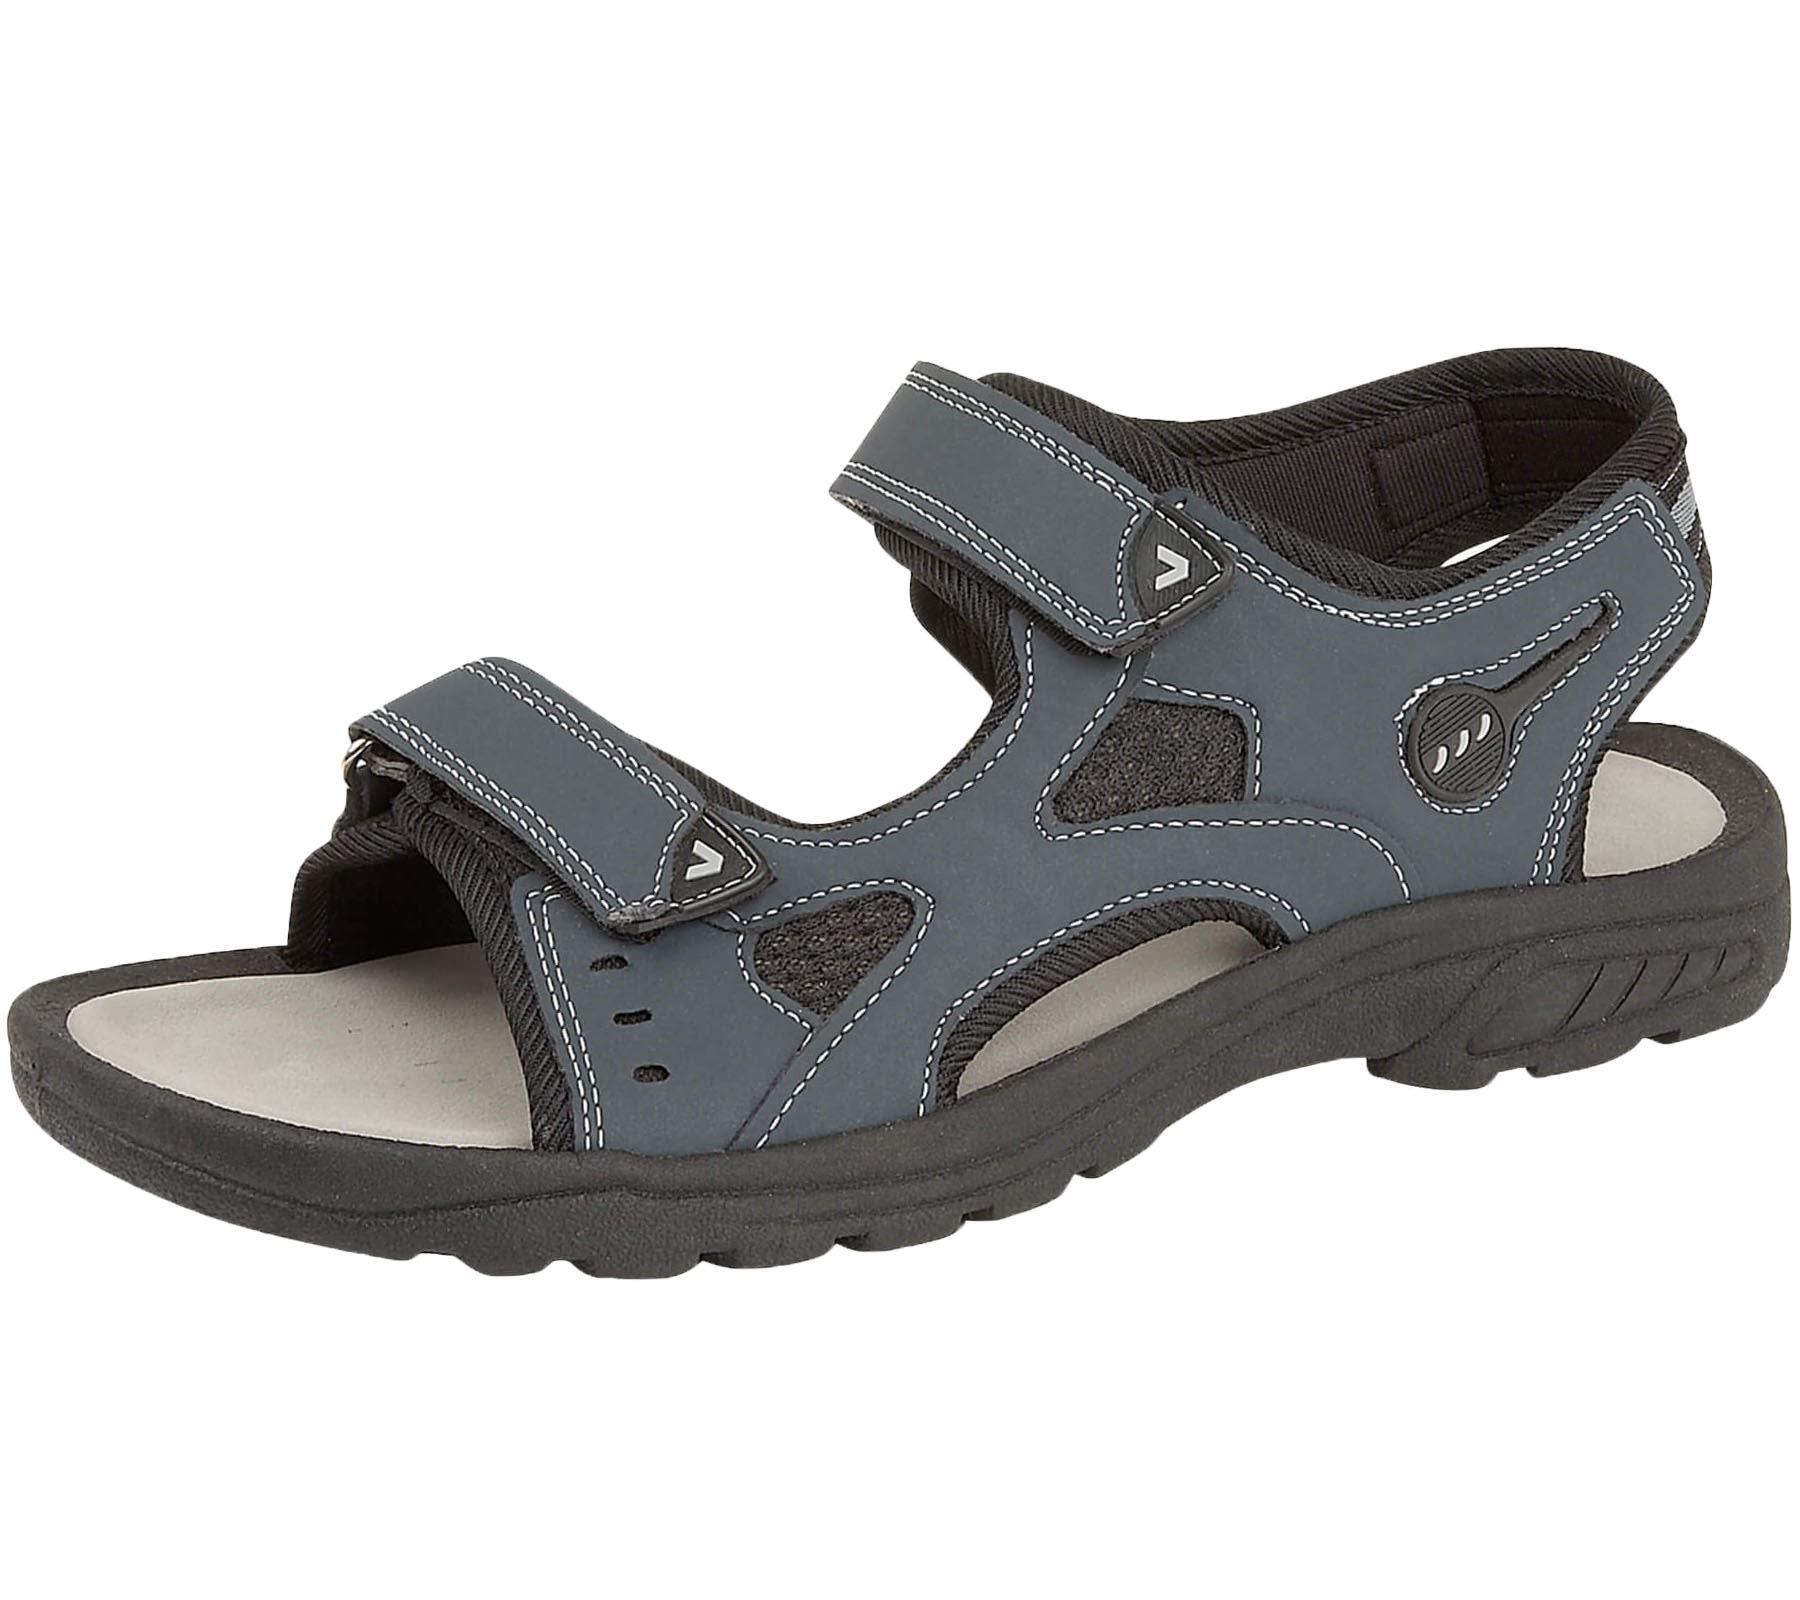 Mens-Sandals-Summer-Beach-Casual-Syenthatic-Sandals miniatura 17